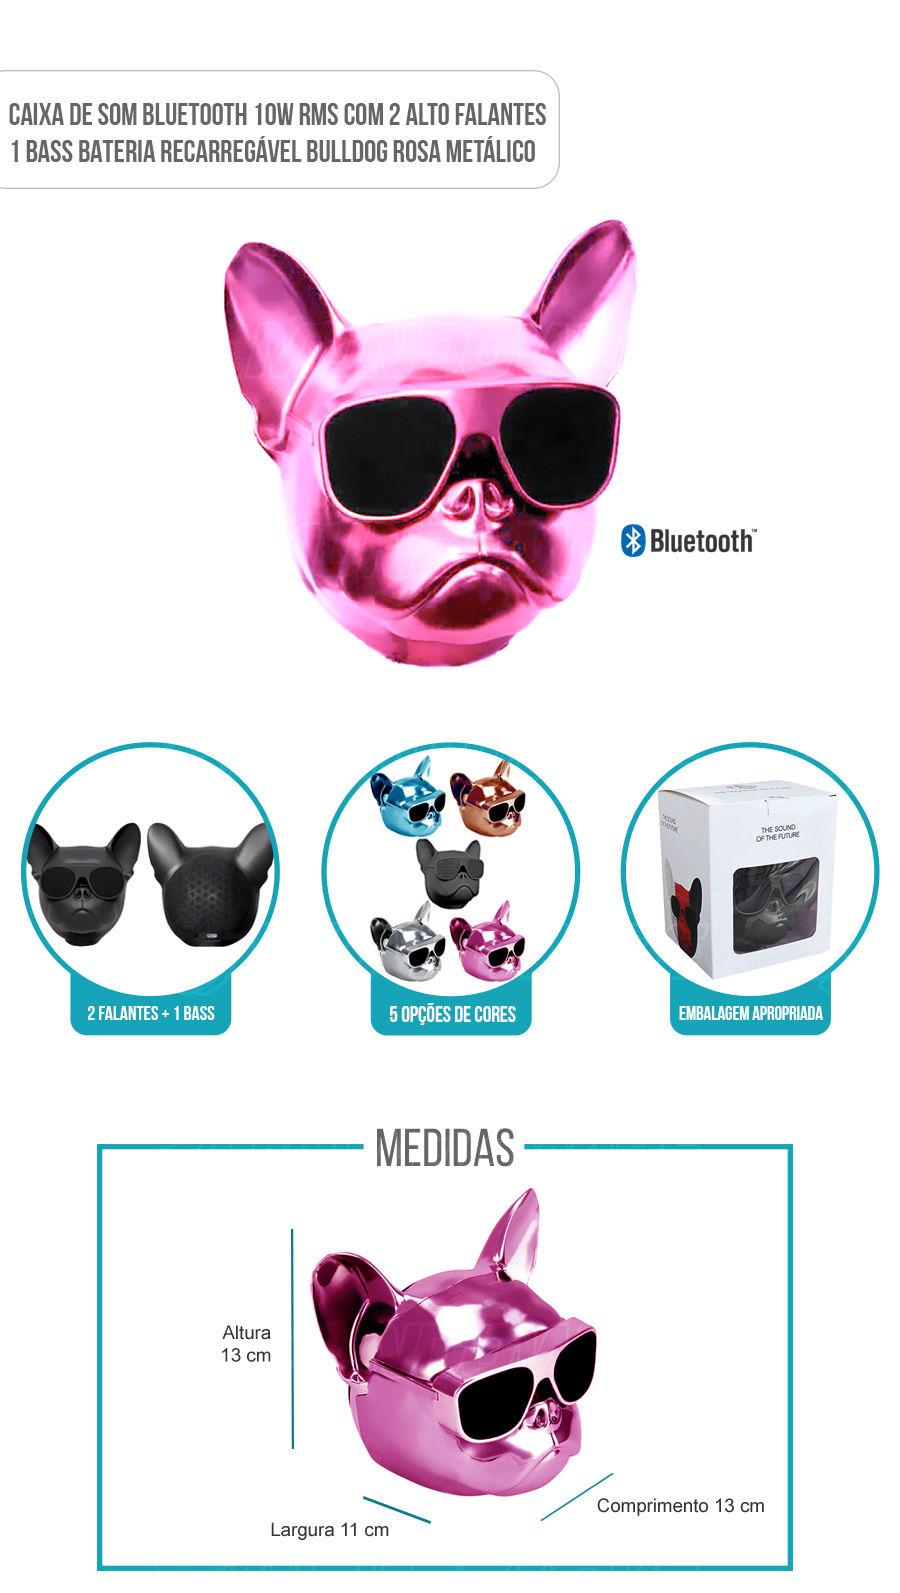 Caixa de Som Portátil com Bluetooth 10W RMS Bulldog Pink Rosa Metálico